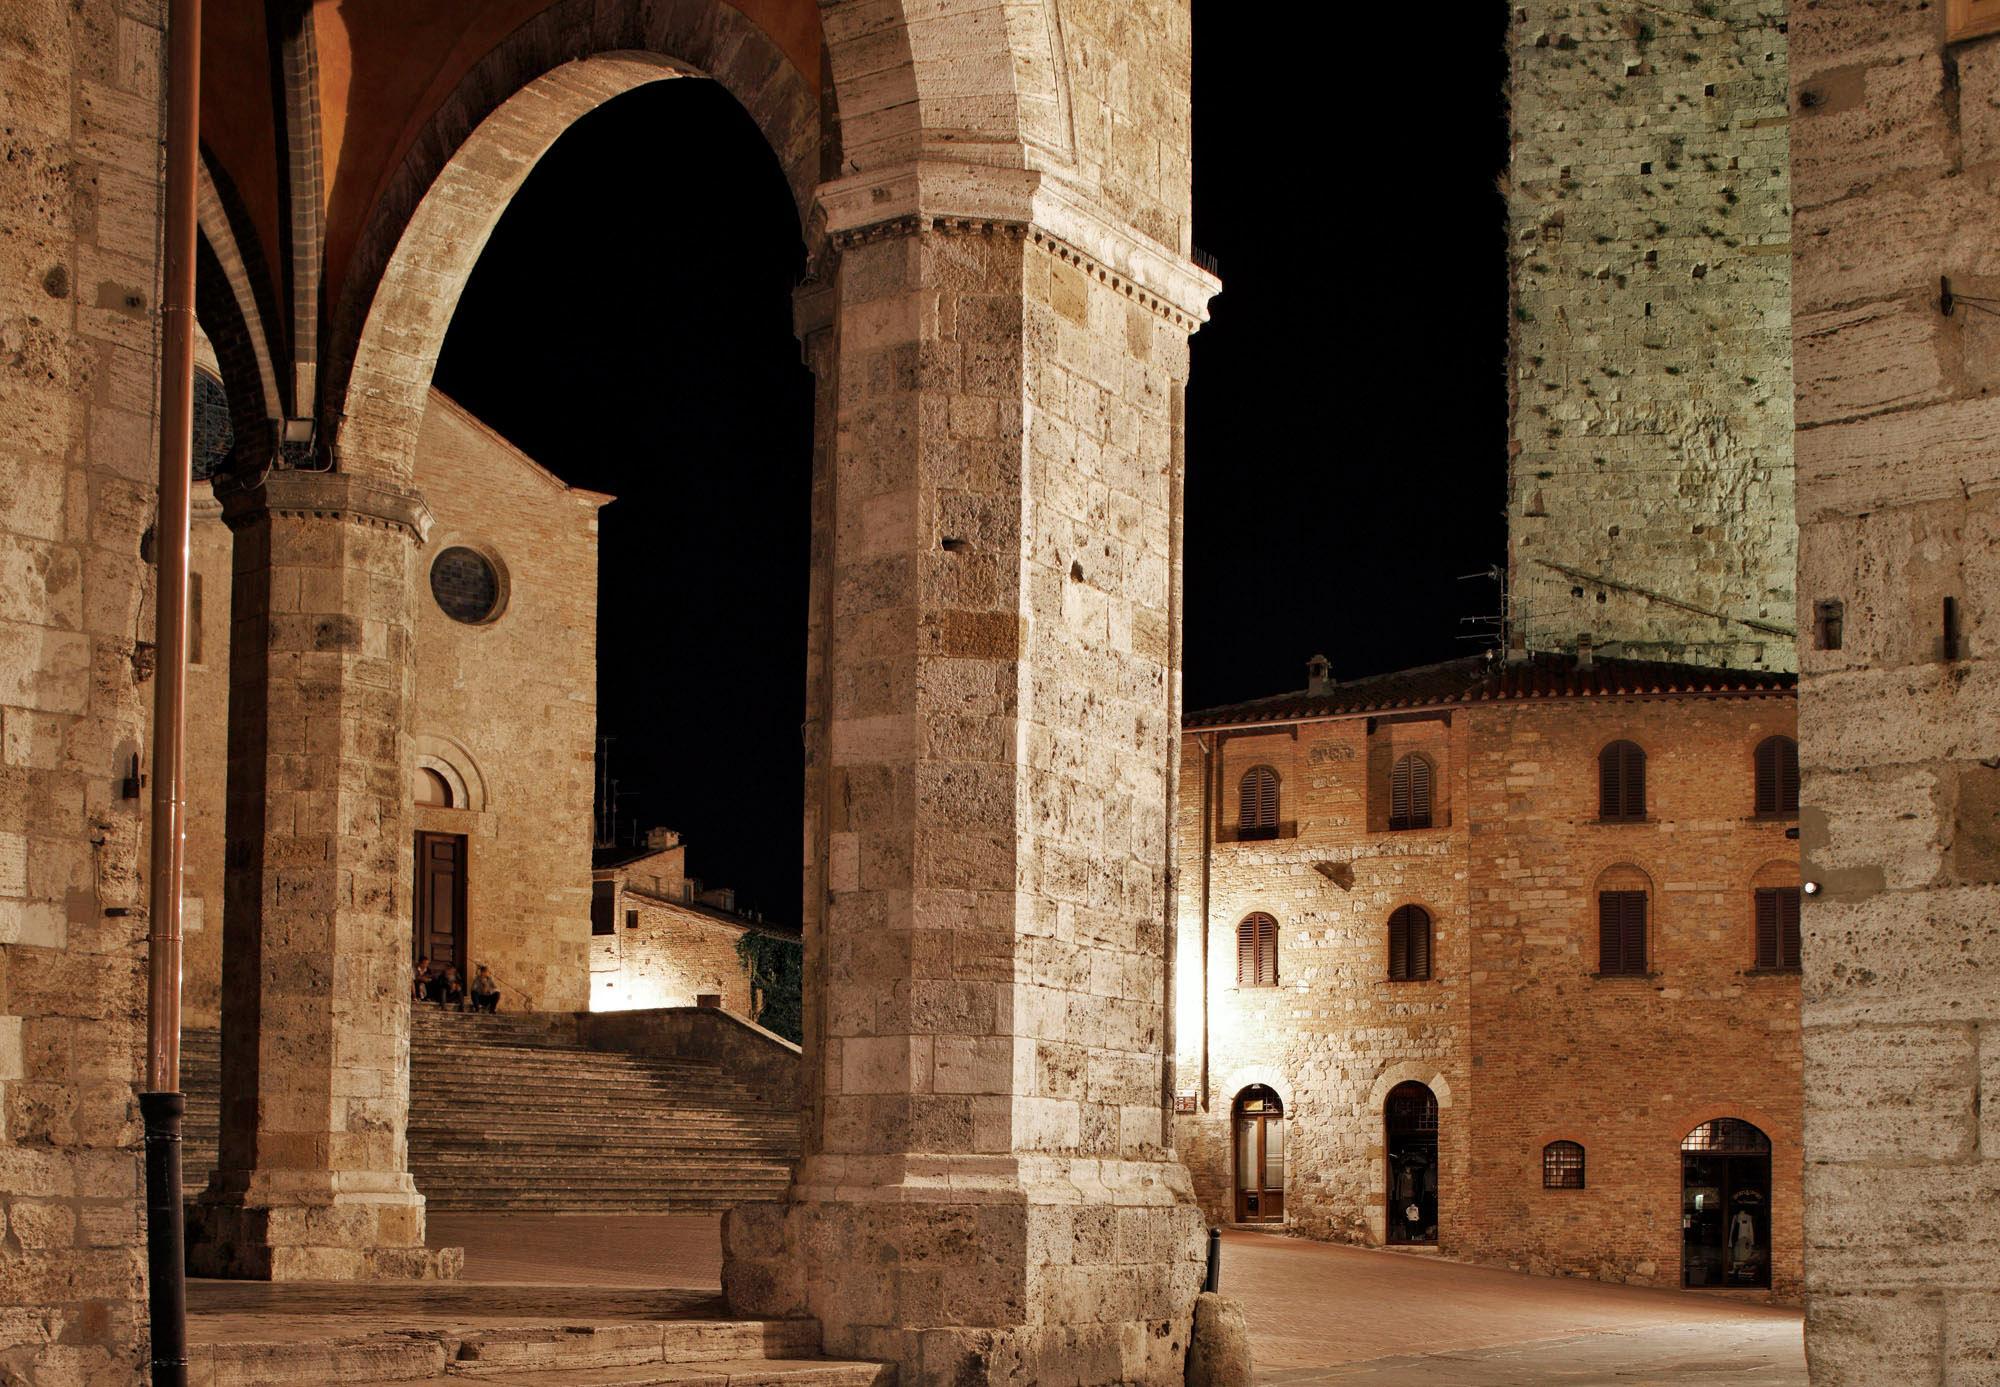 La place du Duomo se trouve au cœur du centre historique avec la cathédrale, le hall public, le théâtre et la loggia. - © Luca Capuano